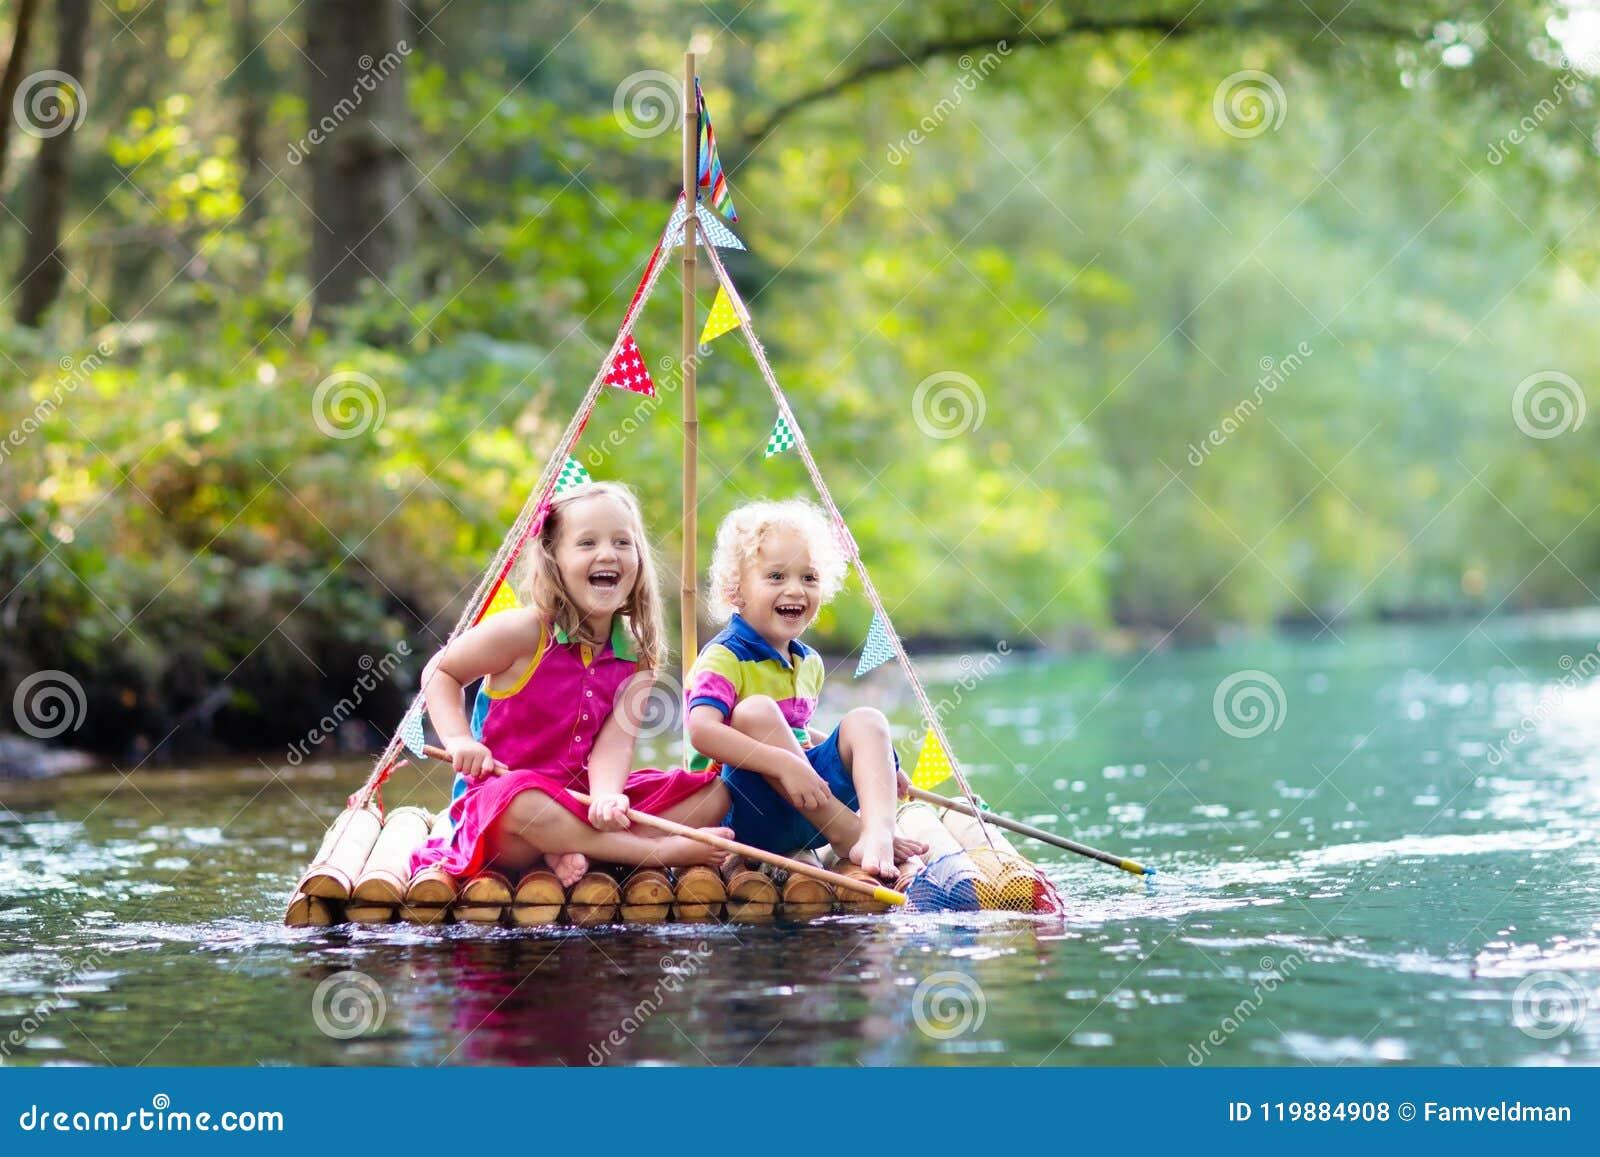 Dzieciaki na drewnianej tratwie